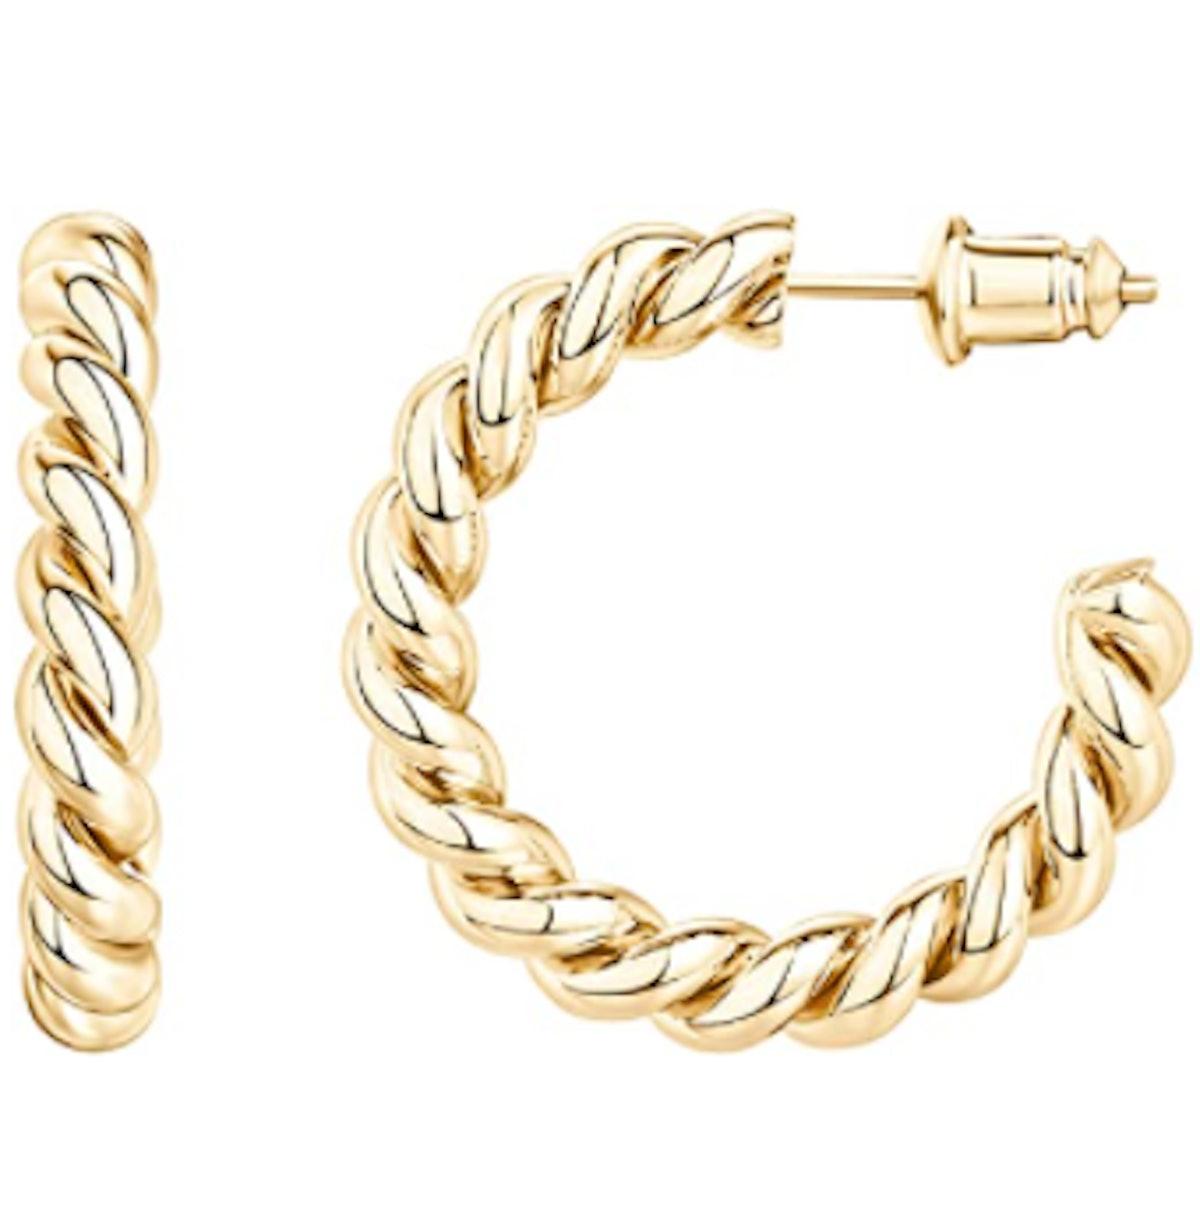 PAVOI 14K Gold Twisted Hoop Earrings